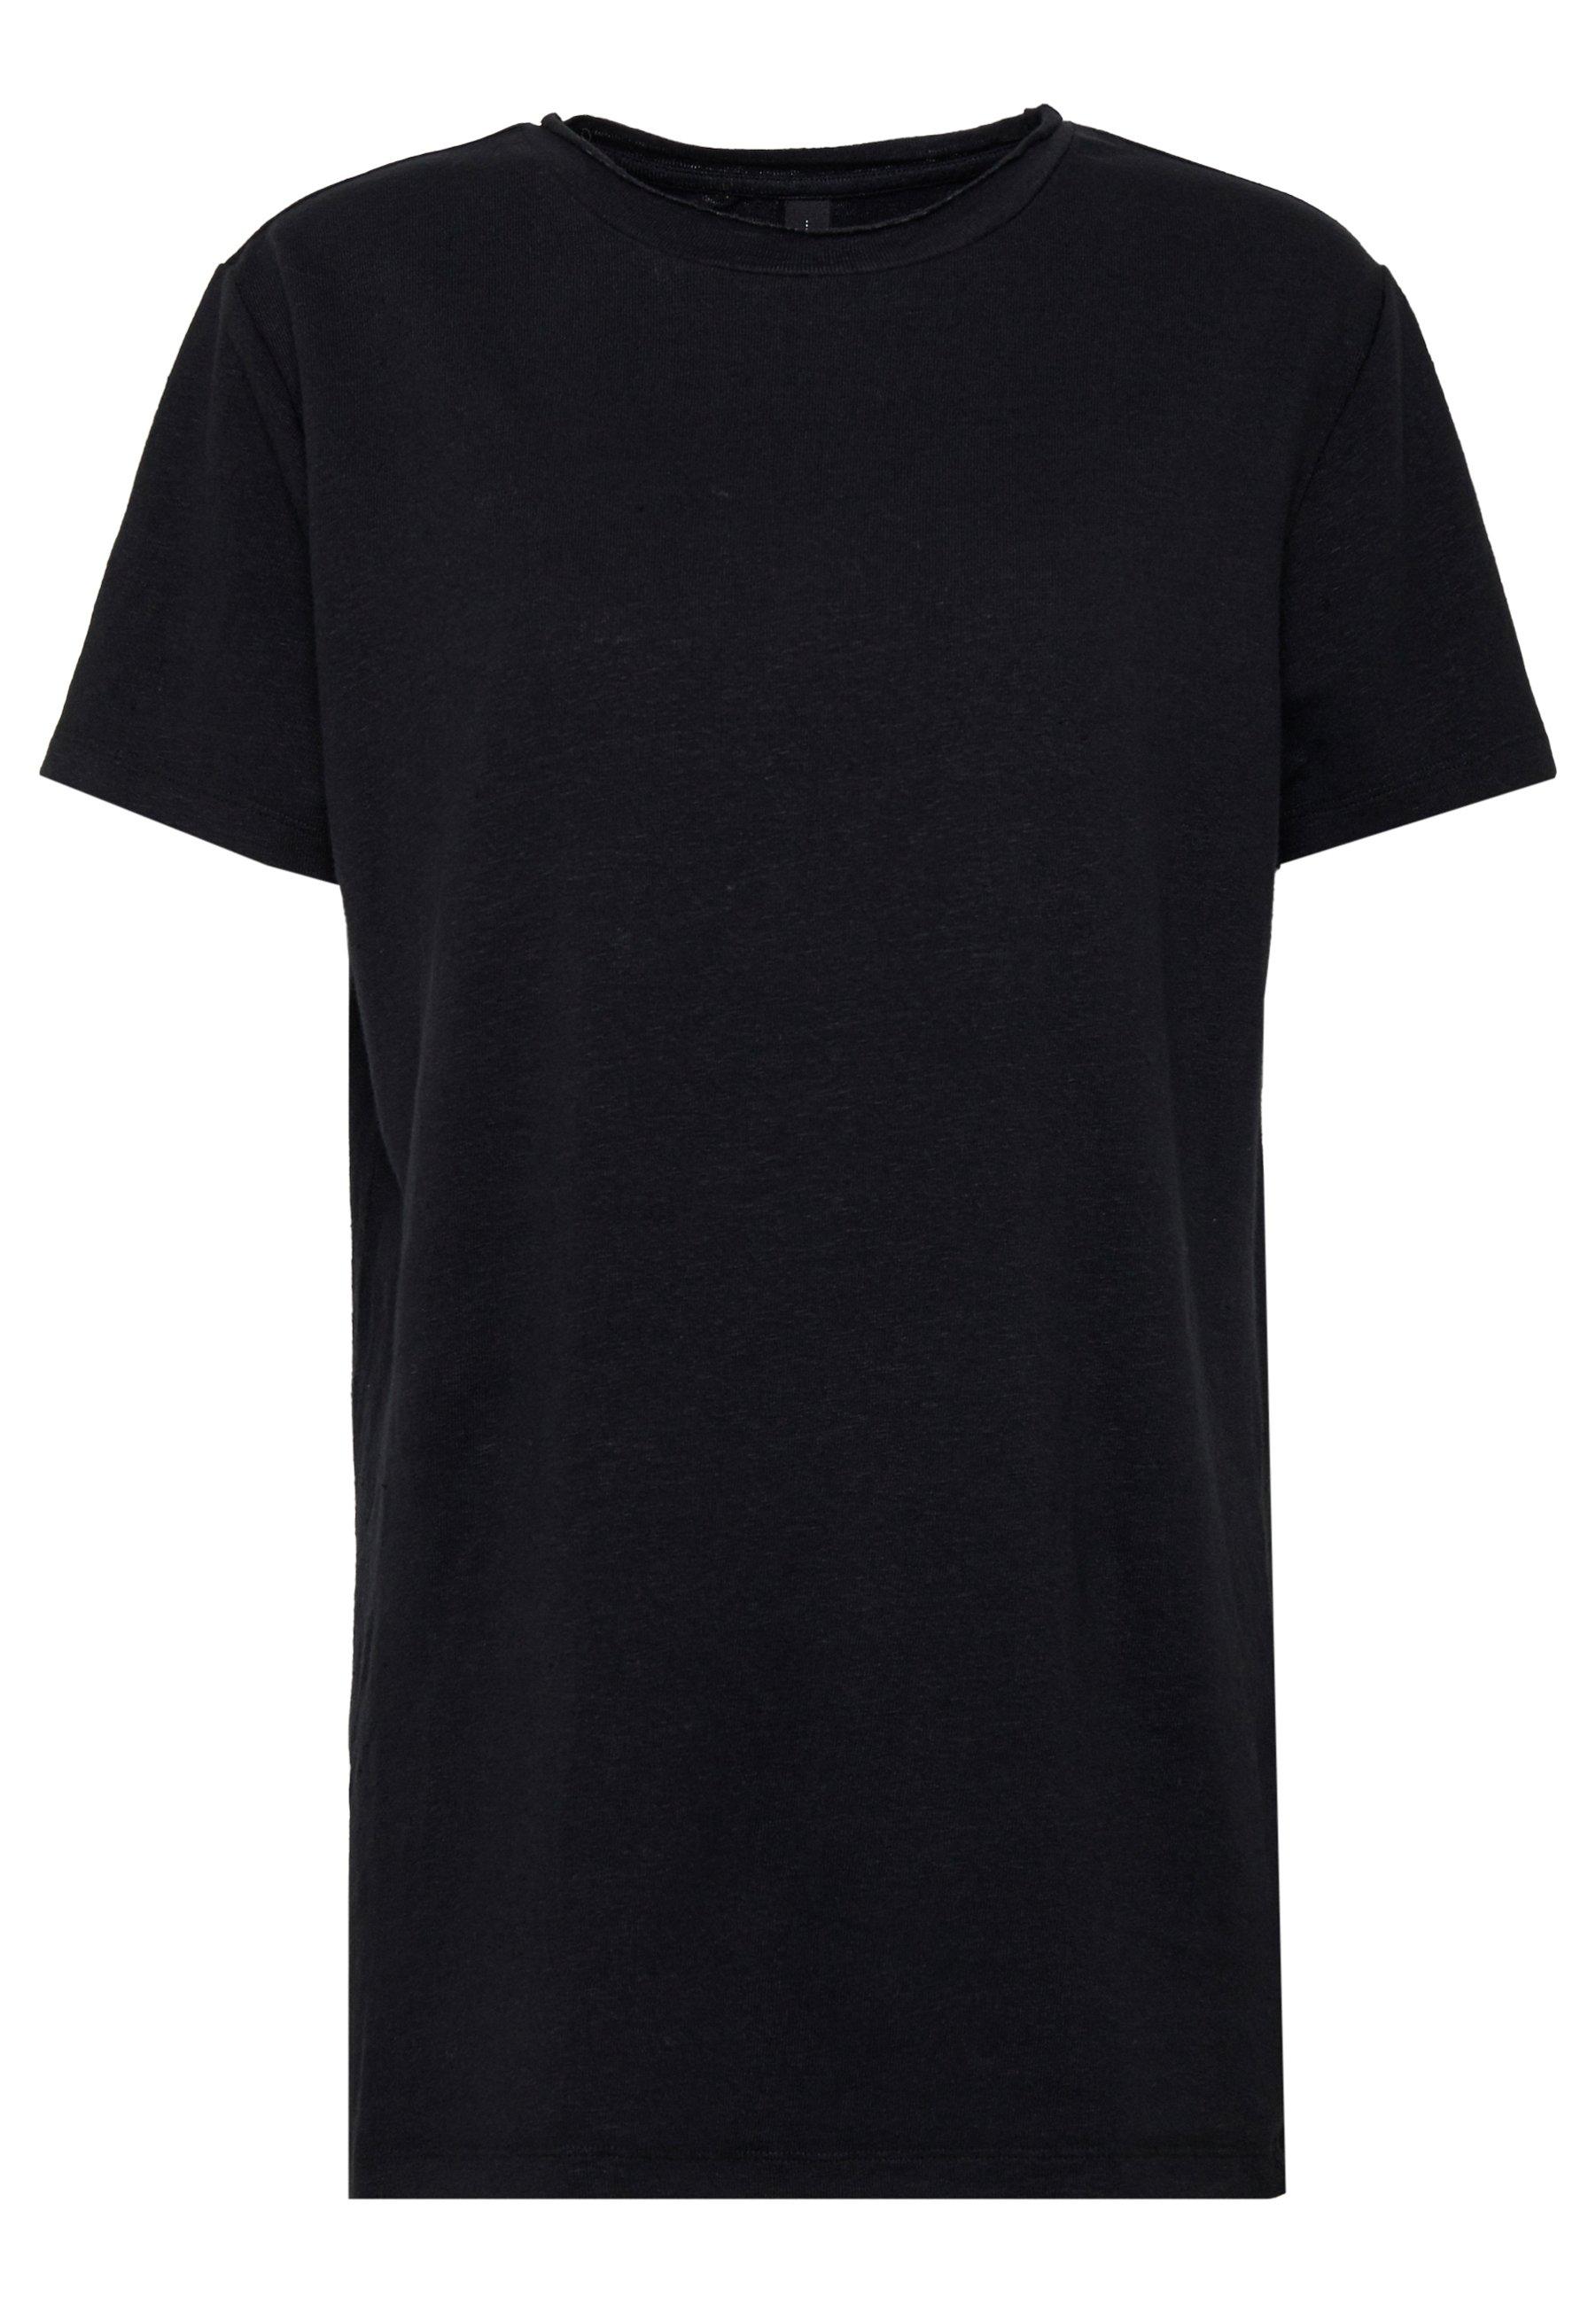 10days The Shortsleeve - T-shirt Bas Black